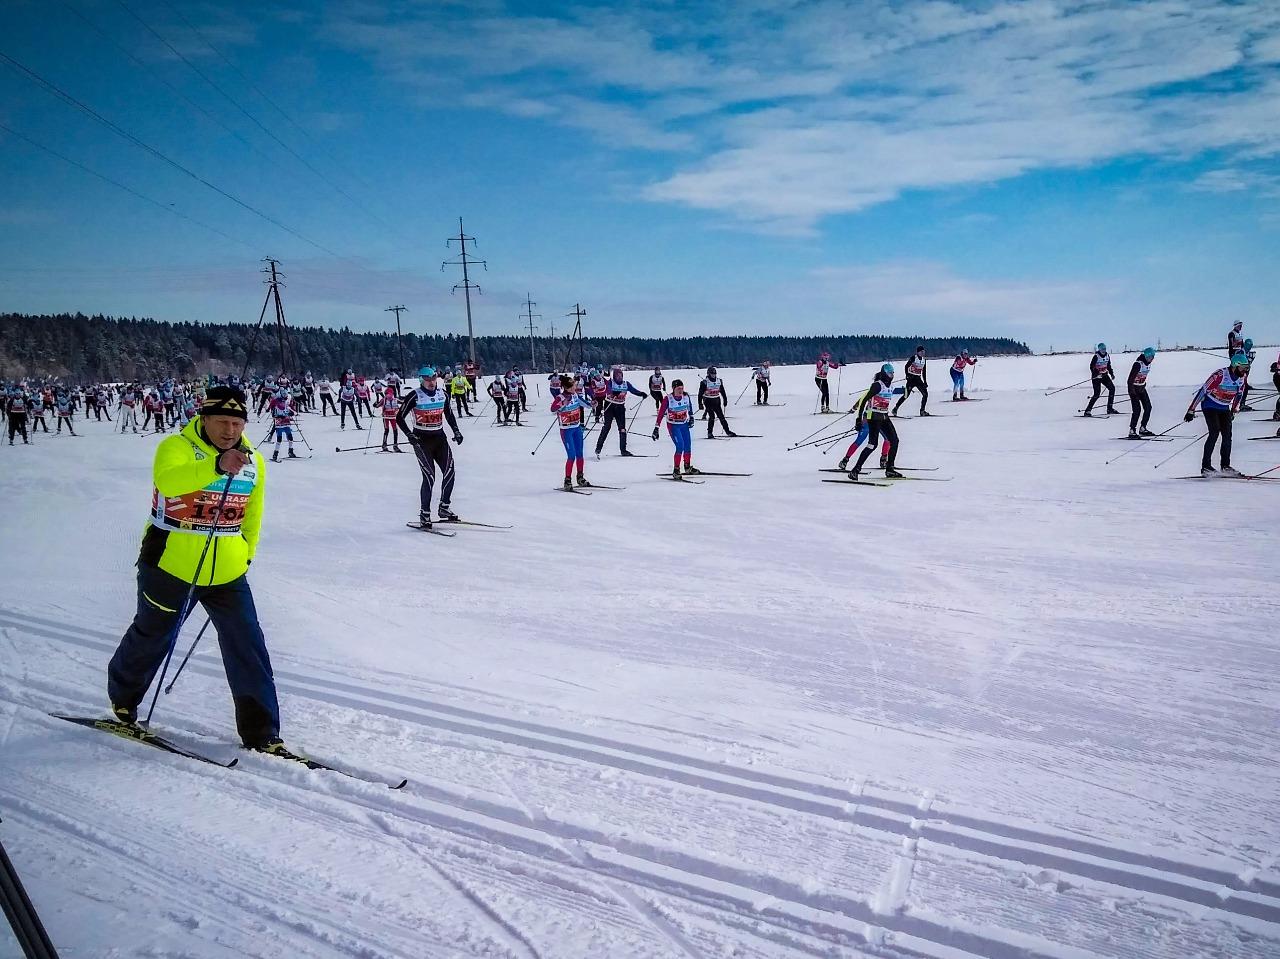 Александр Завьялов уходит на дистанцию своим любимым классическим стилем - на лыжах Fischer Twin Skin, которые можно увидеть на самом первом фото.